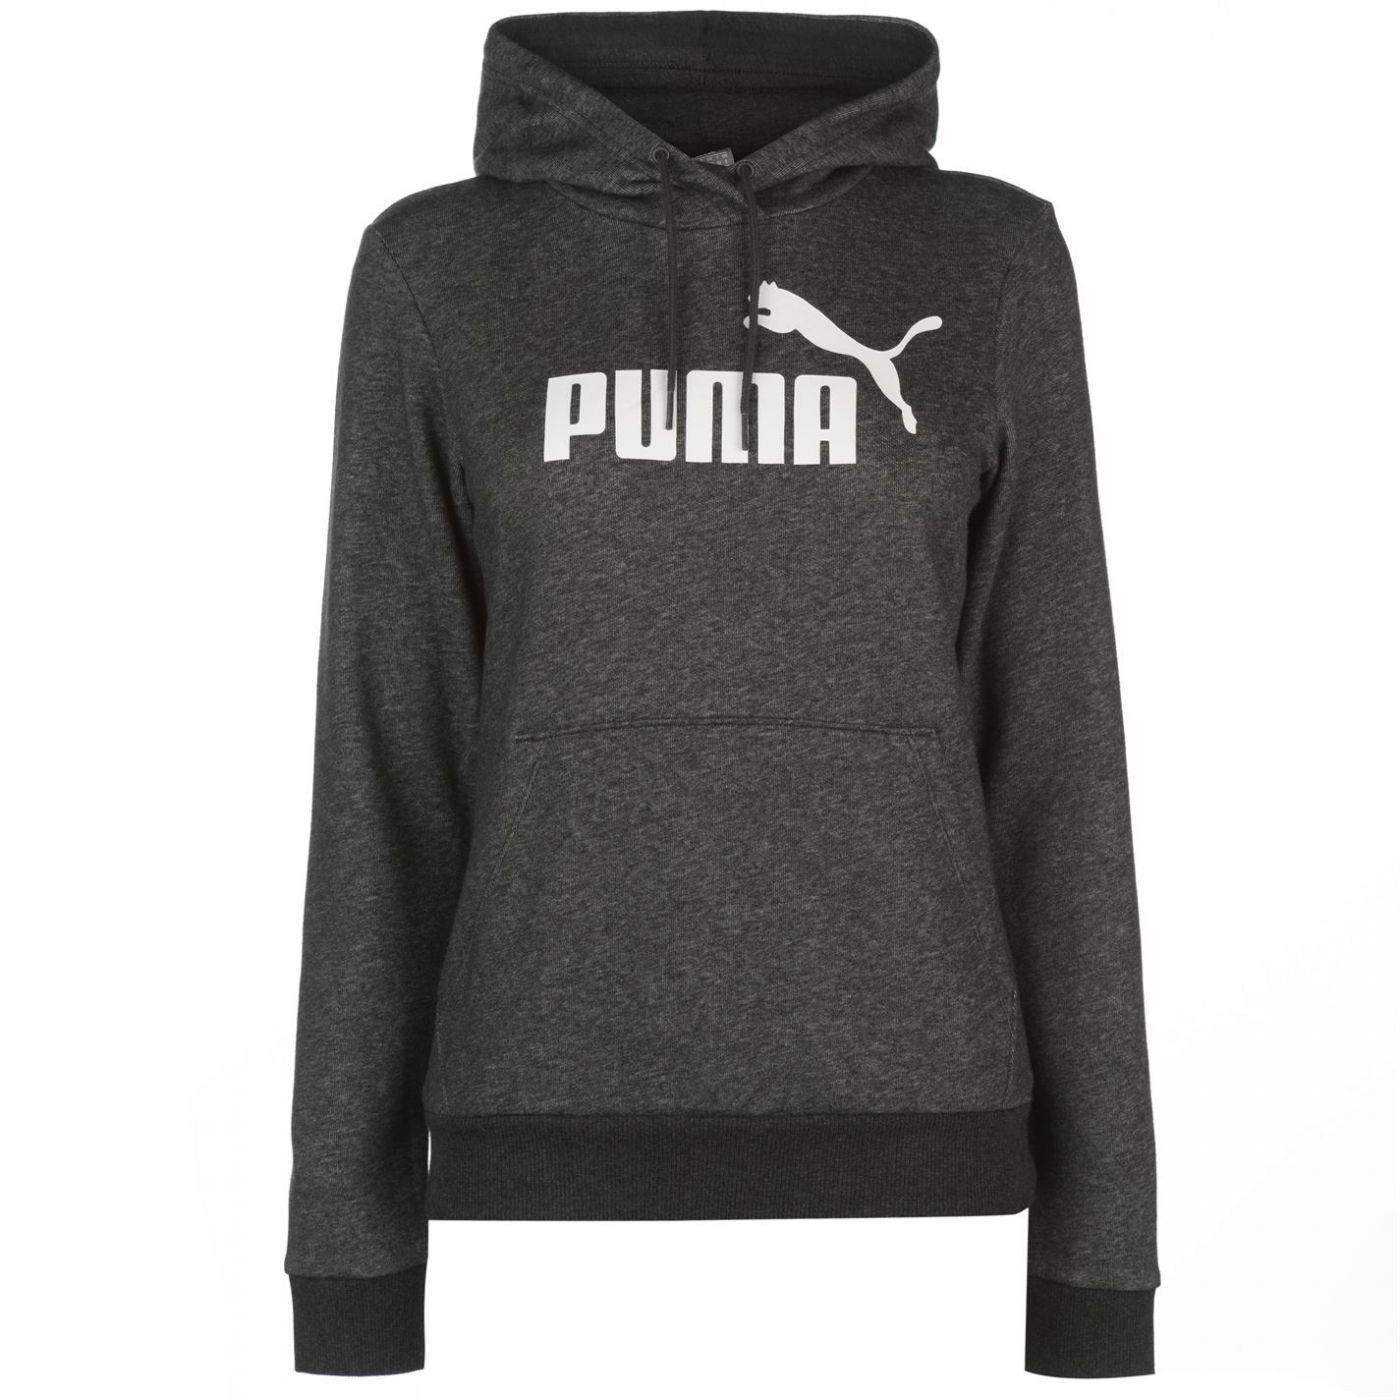 Women's sweatshirt Puma No1 Logo